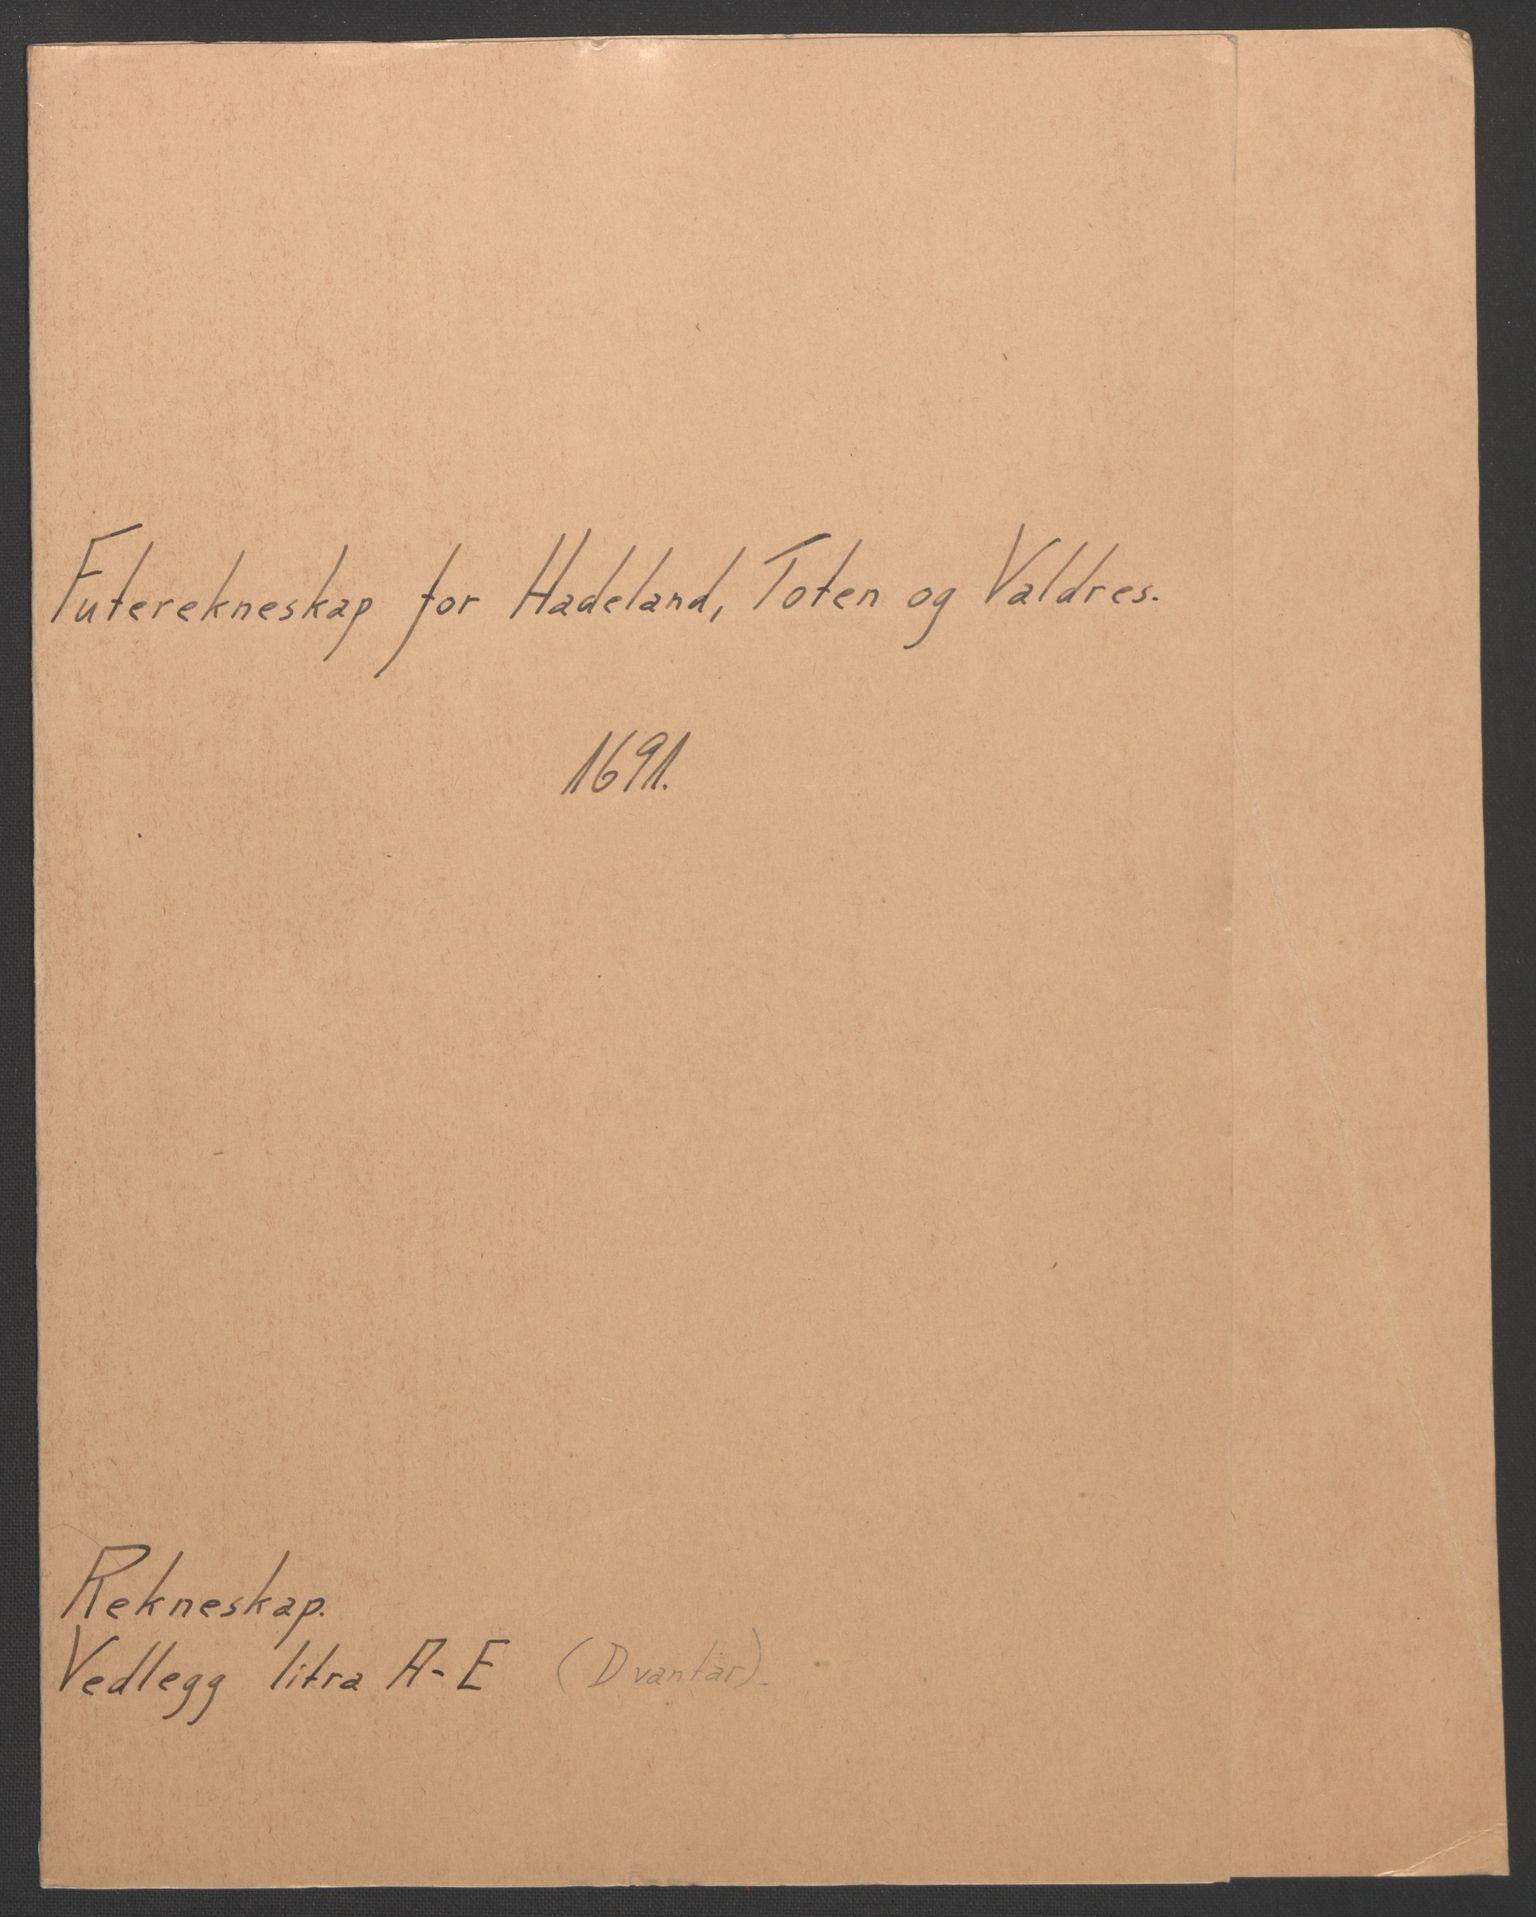 RA, Rentekammeret inntil 1814, Reviderte regnskaper, Fogderegnskap, R18/L1290: Fogderegnskap Hadeland, Toten og Valdres, 1691, s. 2